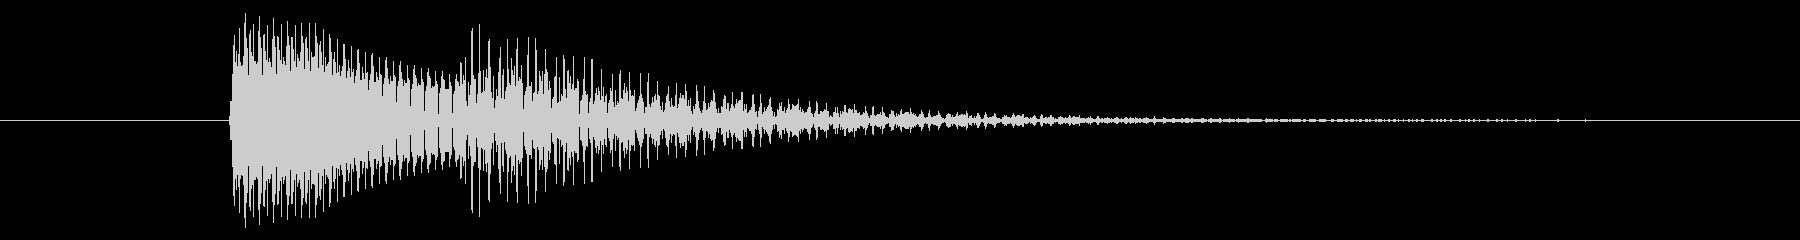 タラン↑/メニューを開く/電源ONの未再生の波形